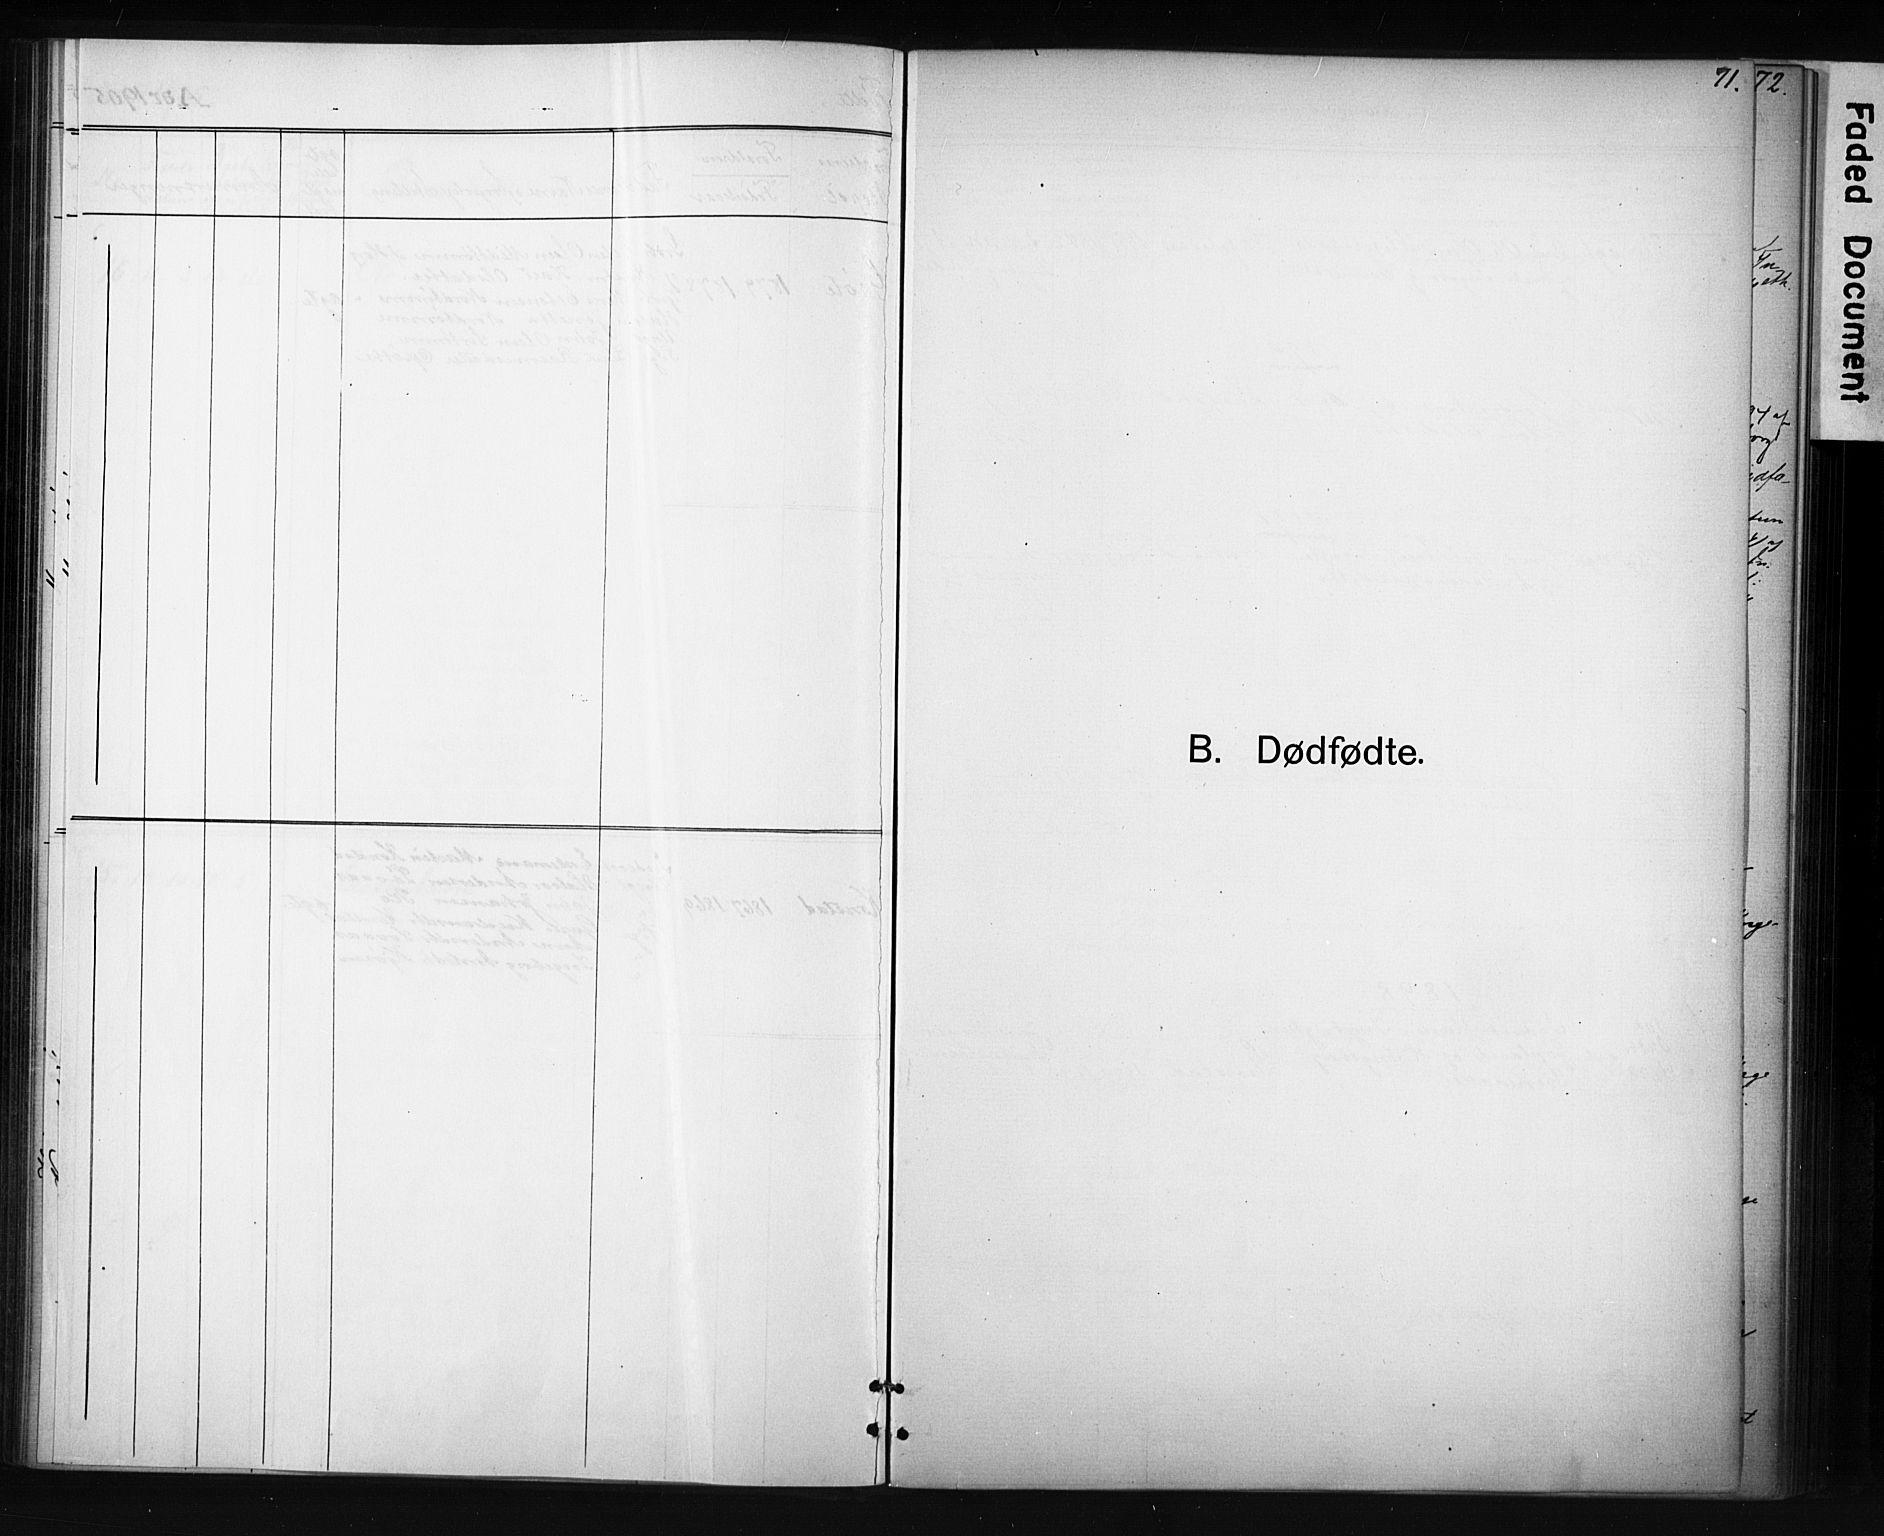 SAT, Ministerialprotokoller, klokkerbøker og fødselsregistre - Sør-Trøndelag, 694/L1127: Ministerialbok nr. 694A01, 1887-1905, s. 71